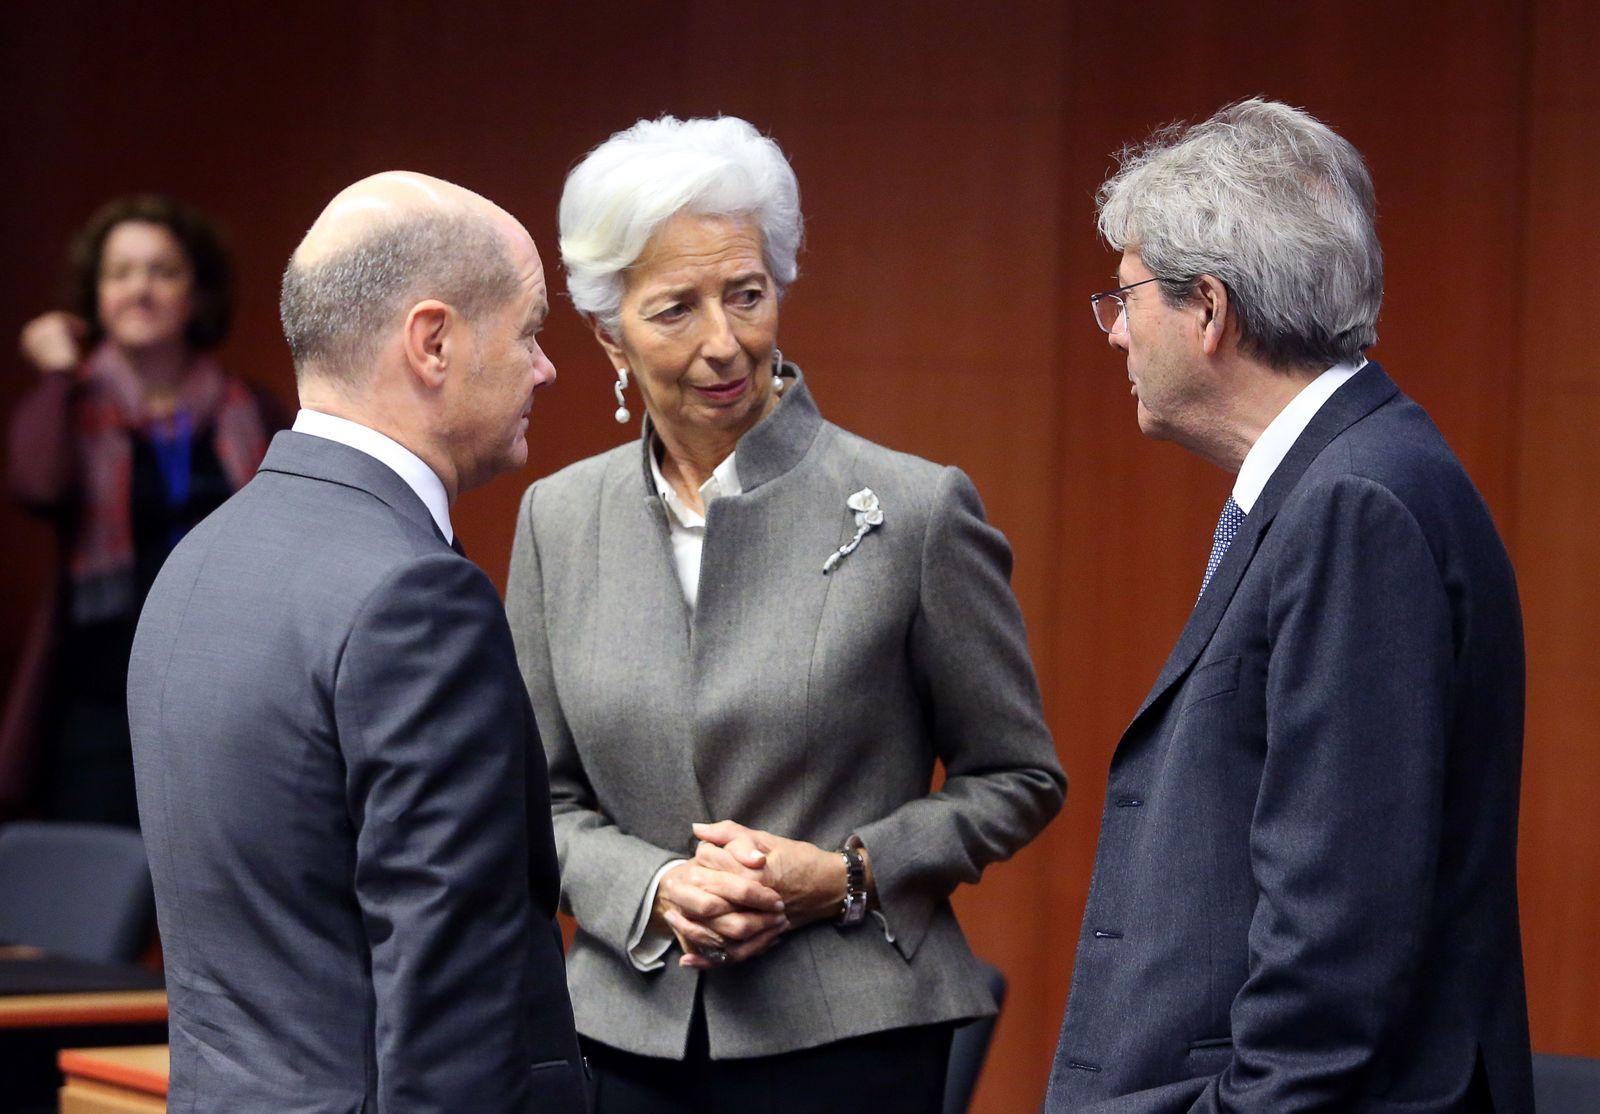 BELGIUM-EU-EUROZONE-ECONOMY-FINANCE